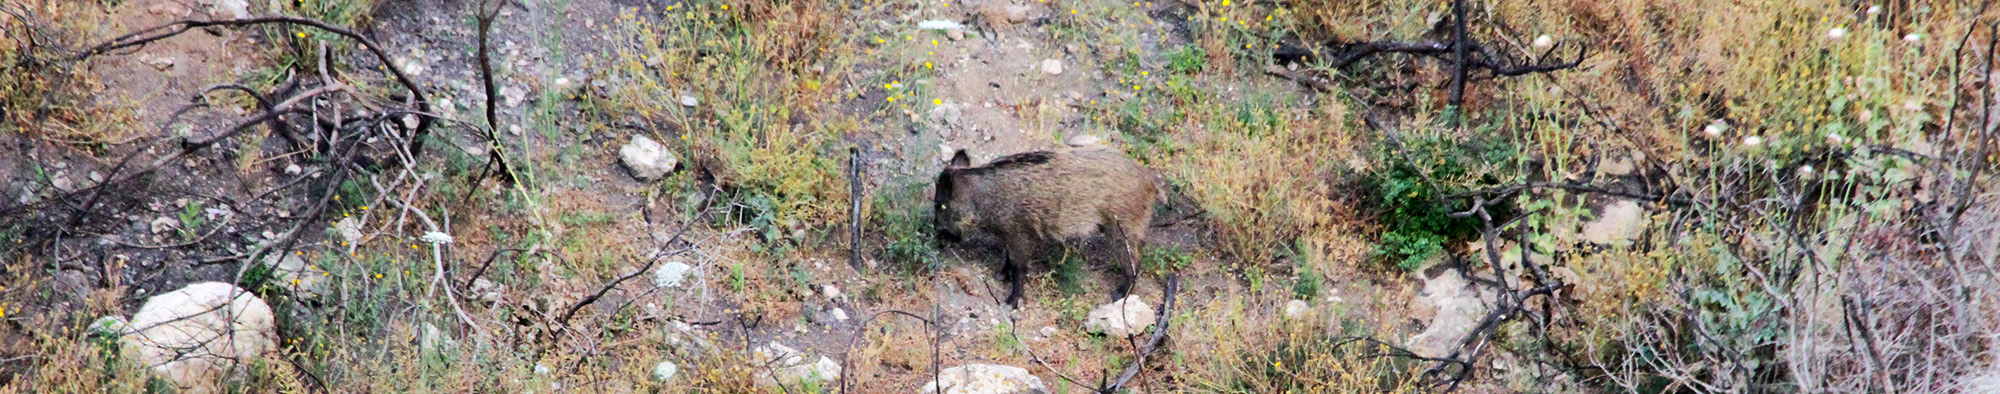 במורדות הכרמל חזירים רבים. דוגמא